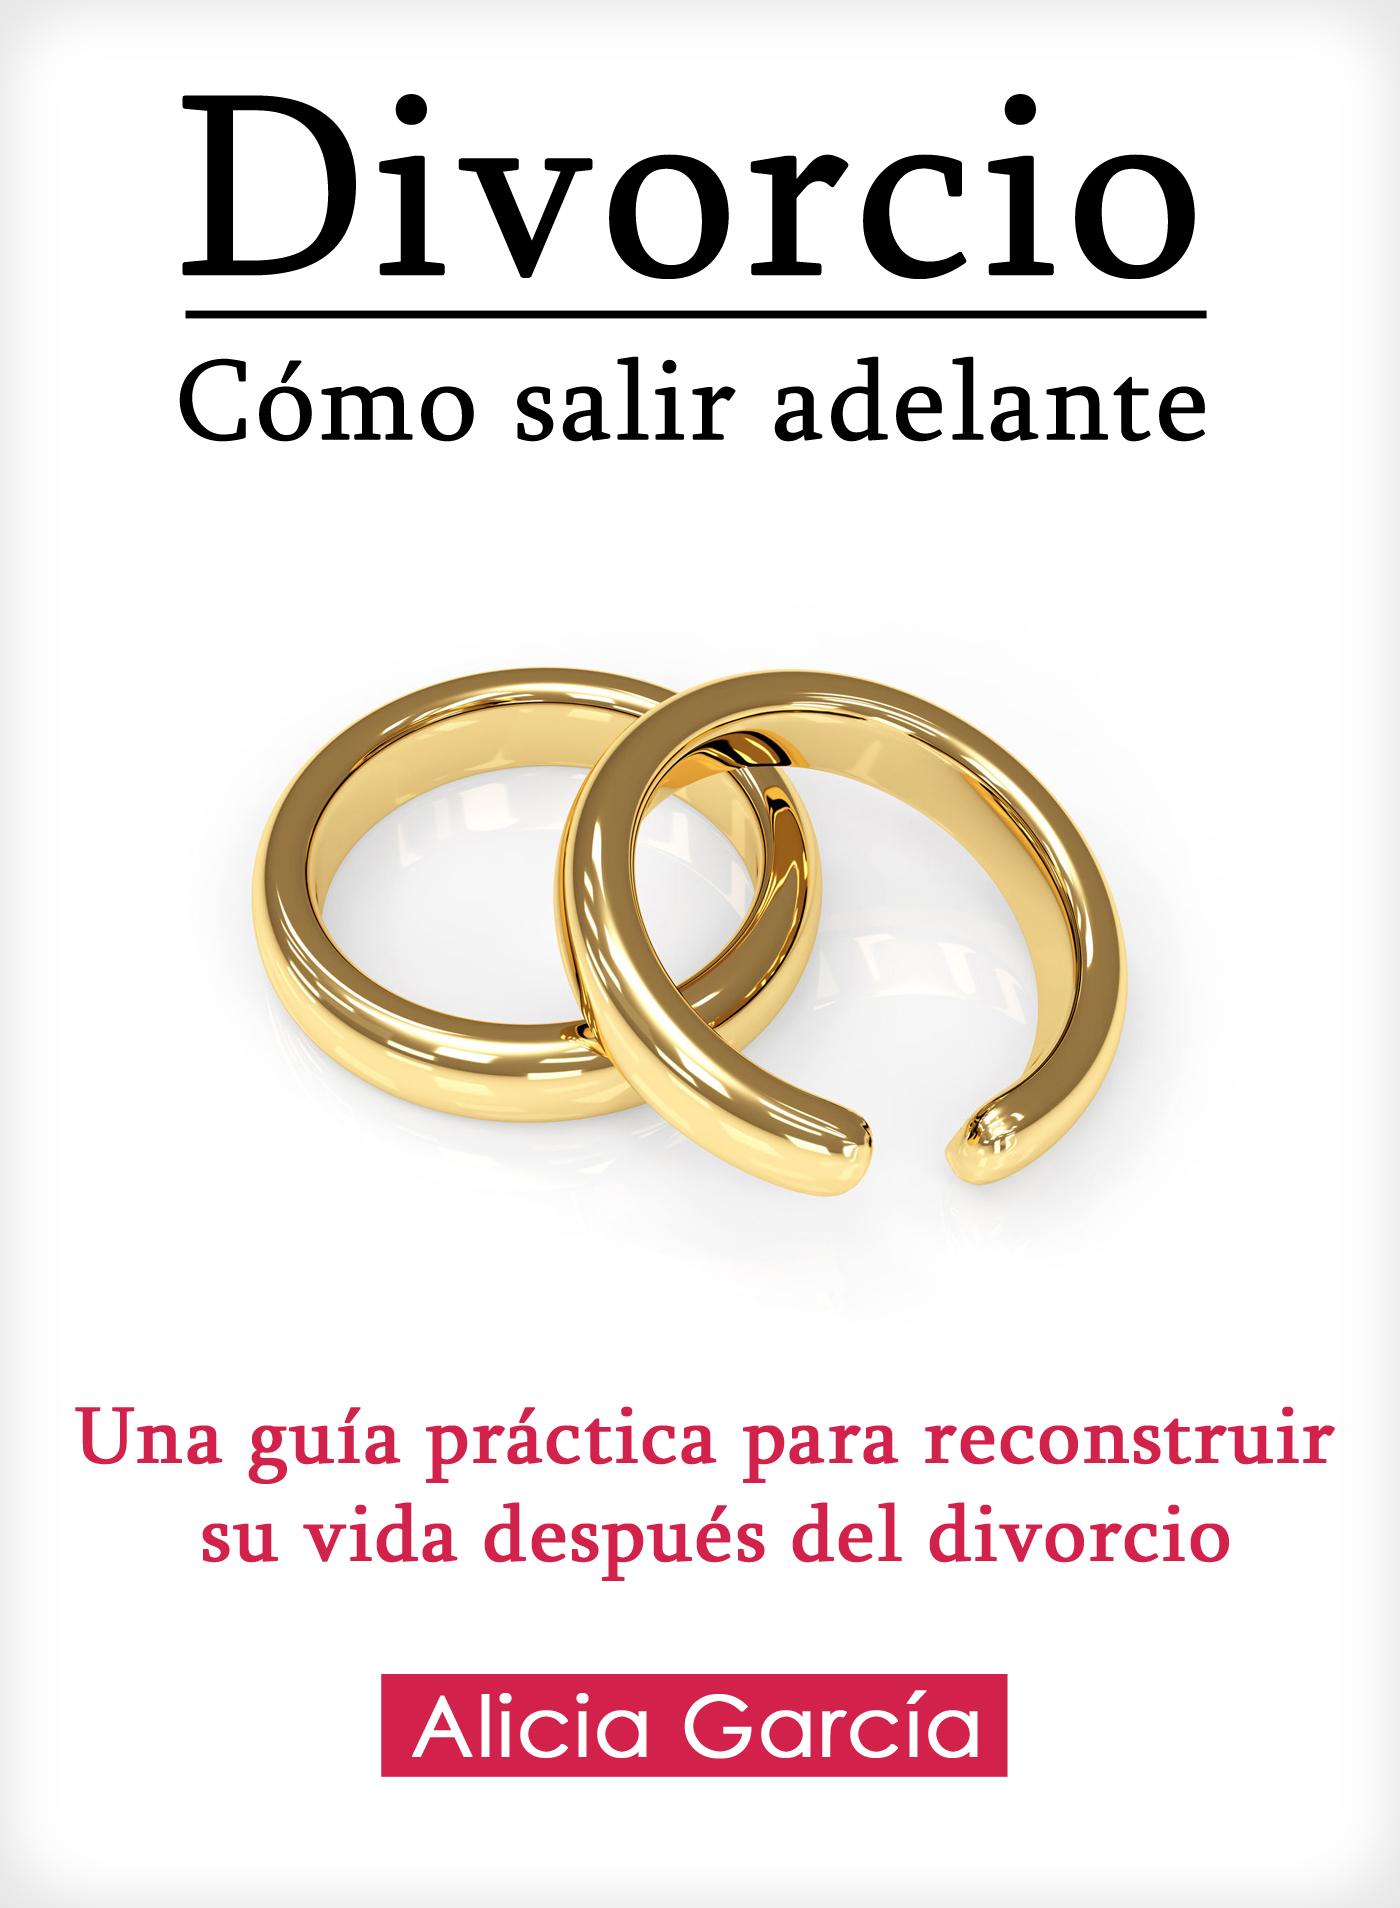 Matrimonio Divorcio Biblia : Smashwords divorcio cómo salir adelante una guía